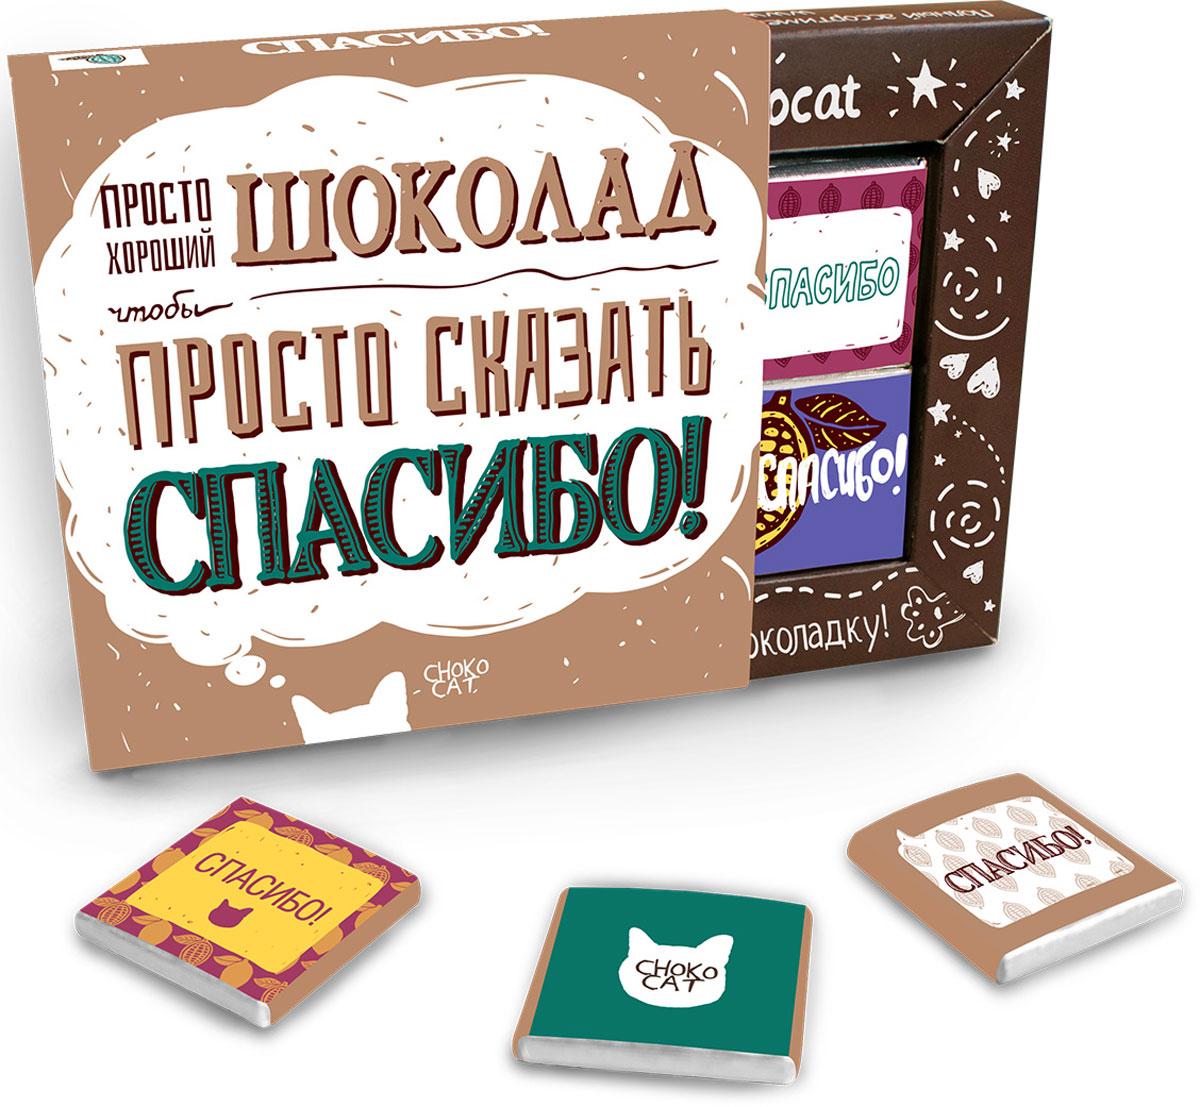 Chokocat Спасибо молочный шоколад, 60 г chokocat чтобы все сбылось молочный шоколад 100 г